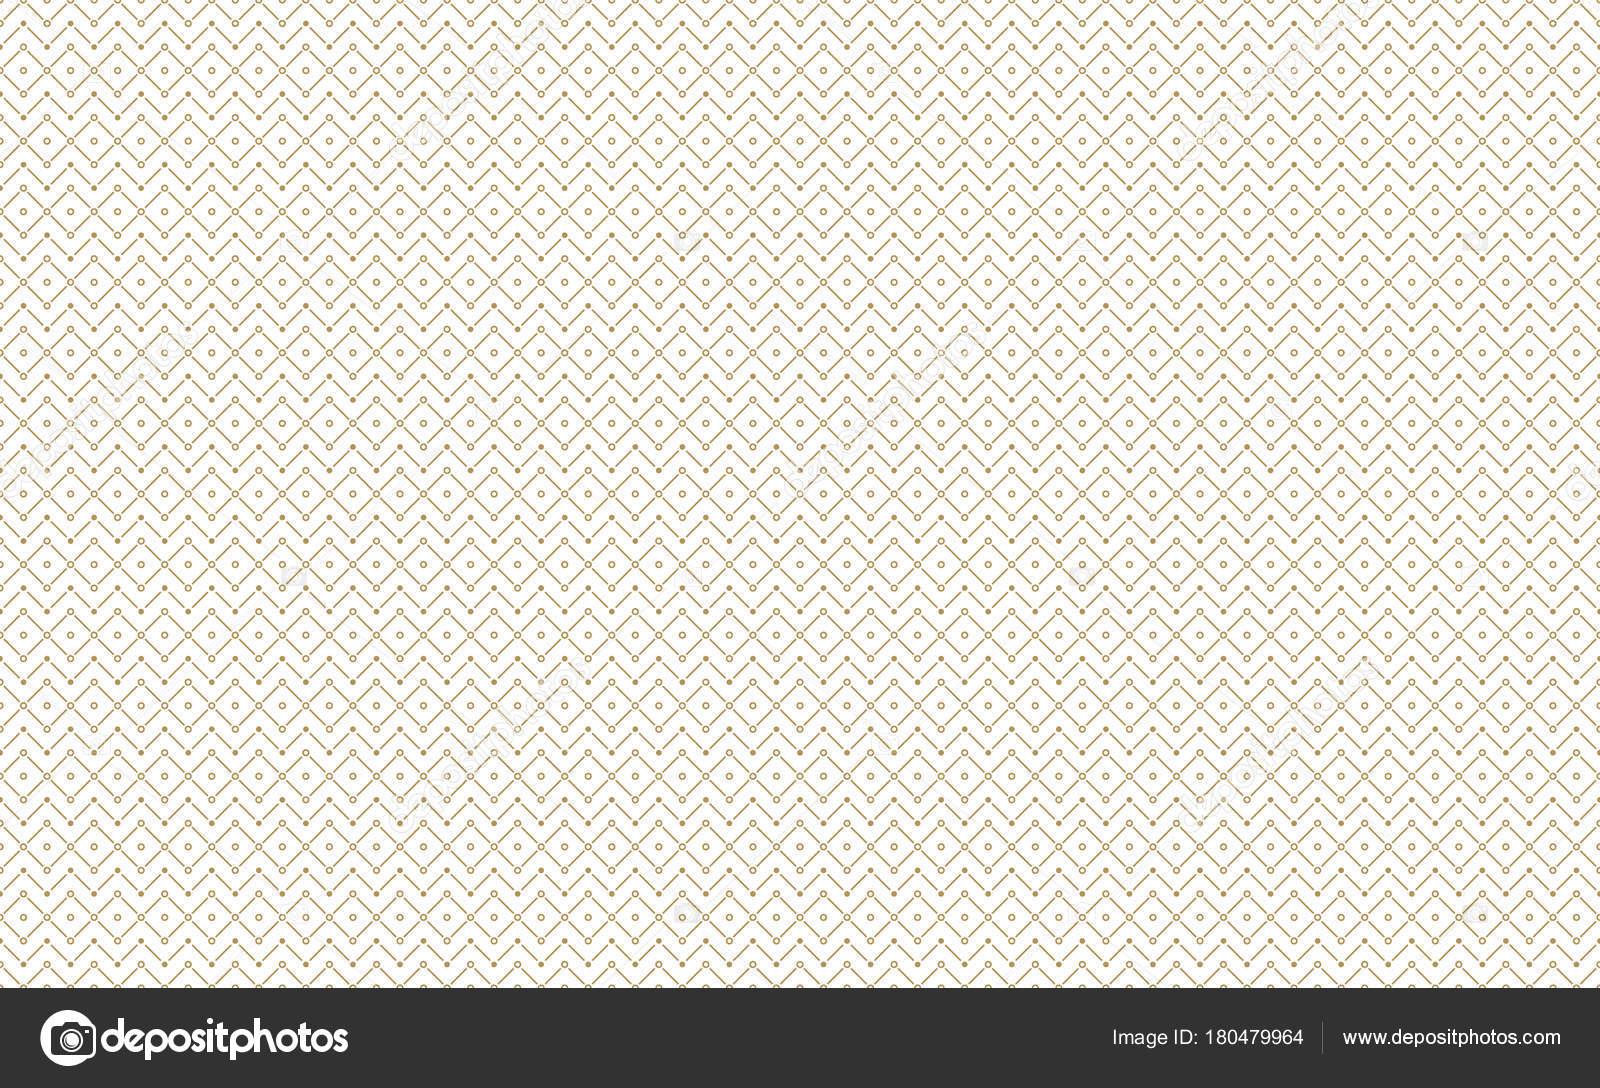 8v111 de oro patrón geométrico. Sin costura — Vector de stock ...